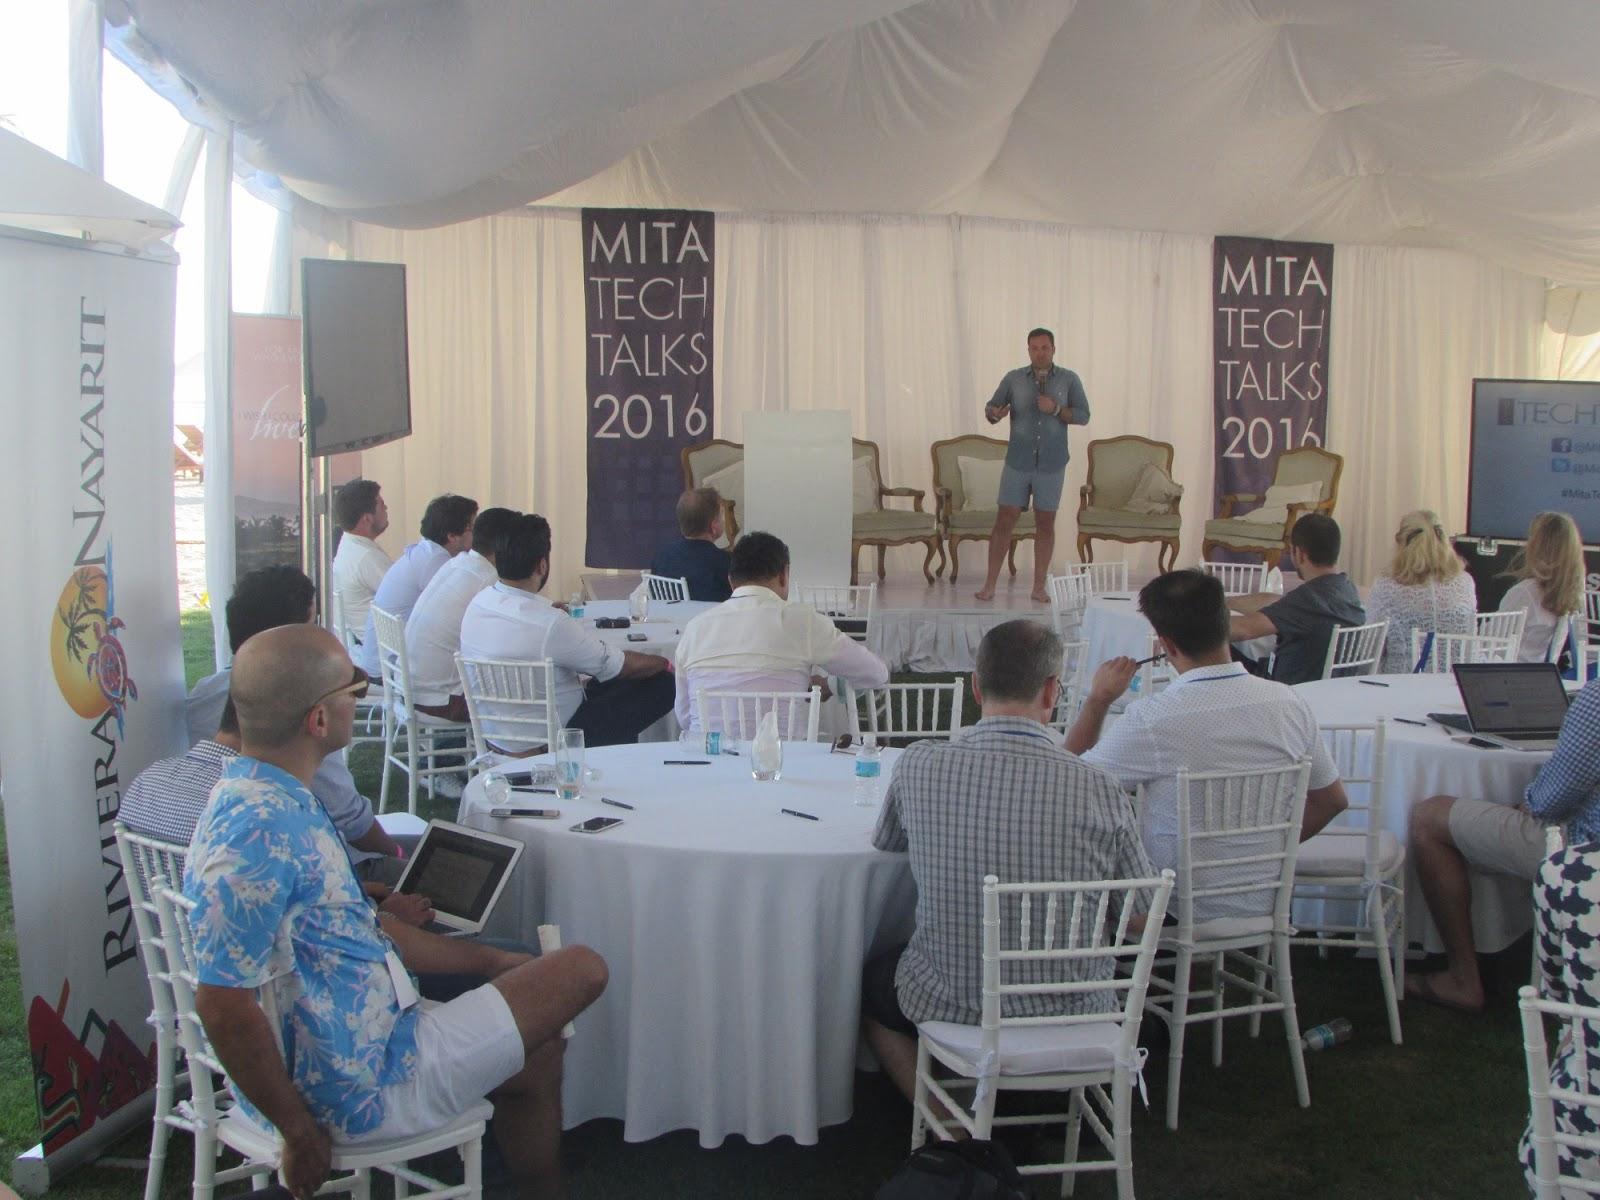 mita tech talks